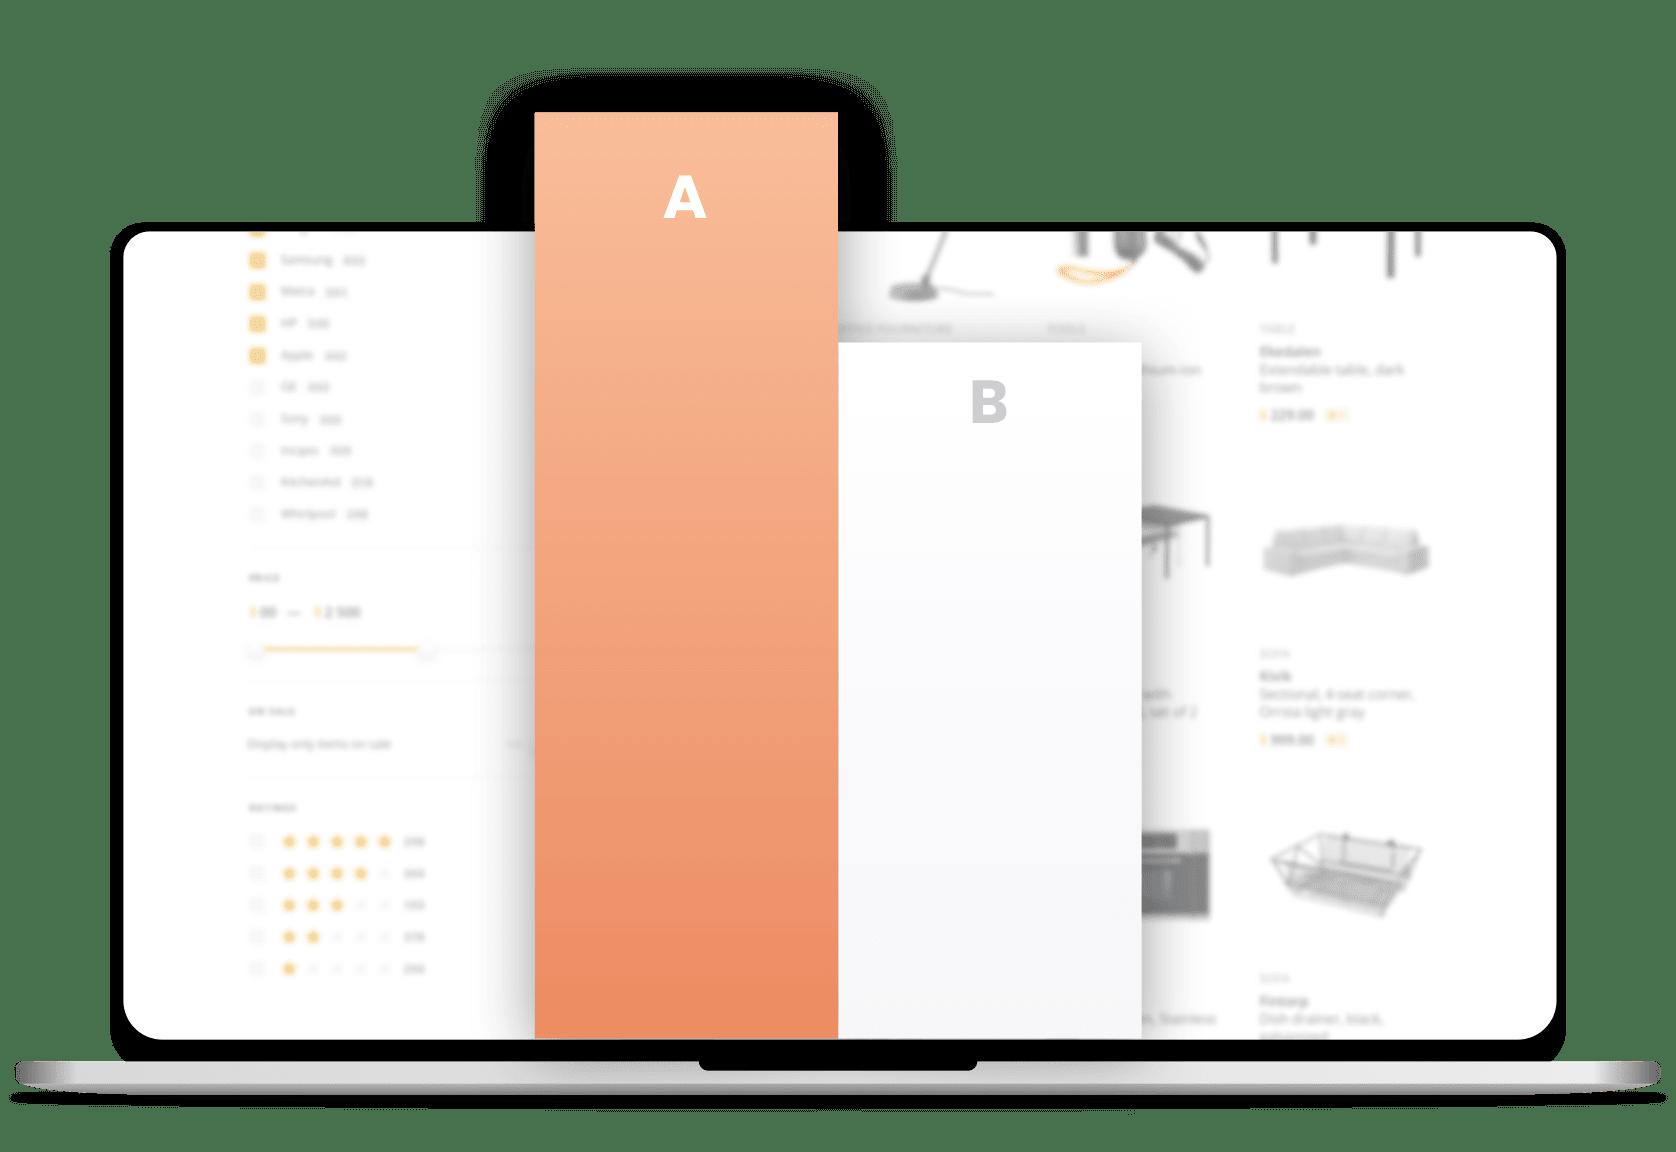 Analyze and optimize illustration